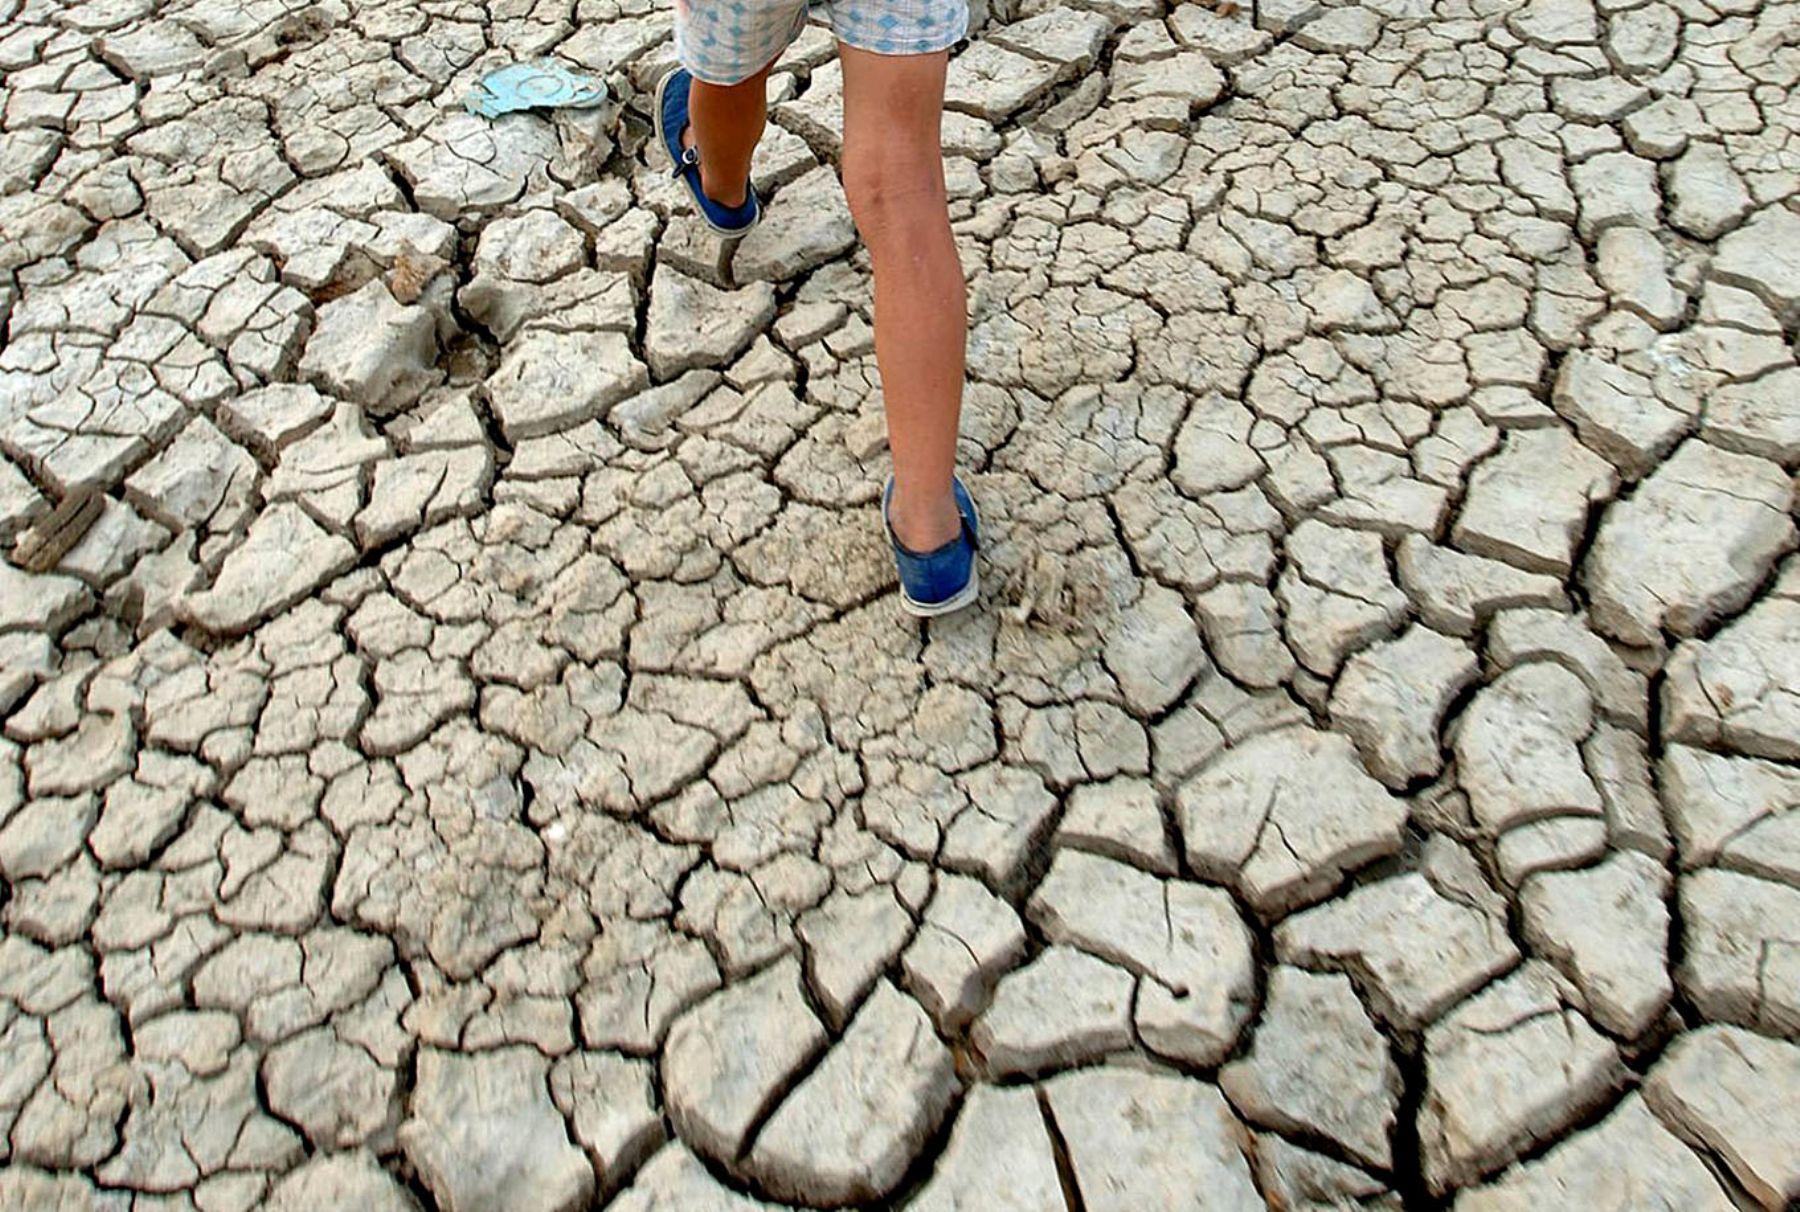 En Colombia se teme que la llegada de El Niño agudizará las sequías. Foto: Agencia Andina.